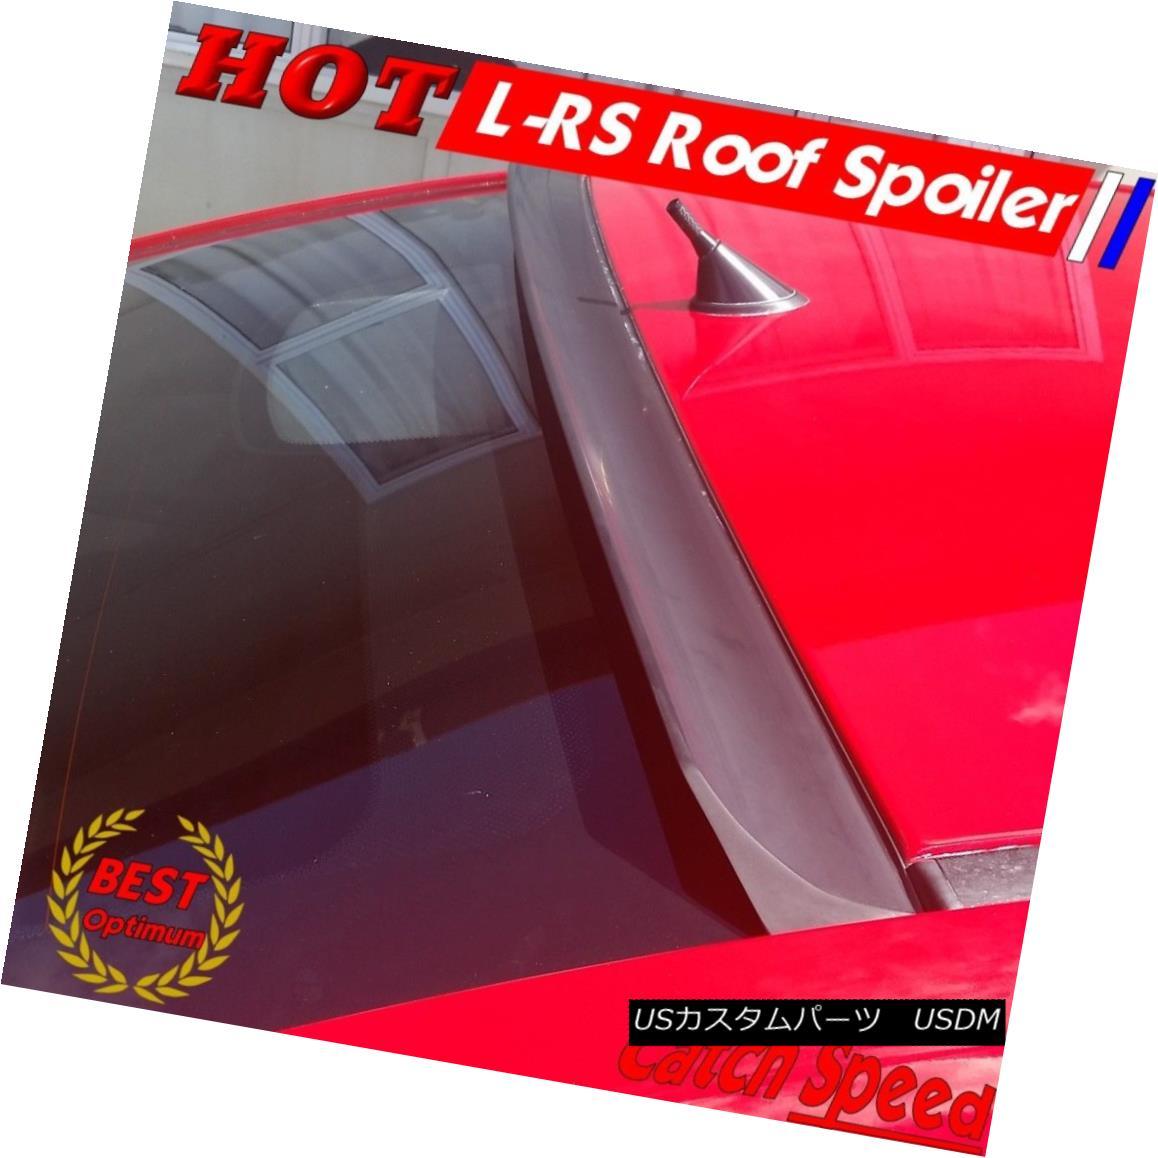 エアロパーツ Painted LRS Rear Window Roof Spoiler For BMW 4-Series F36 Gran Coupe 420i 435i BMW 4シリーズF36グランクーペ420i 435i用塗装済みLRSリアウィンドウルーフスポイラー